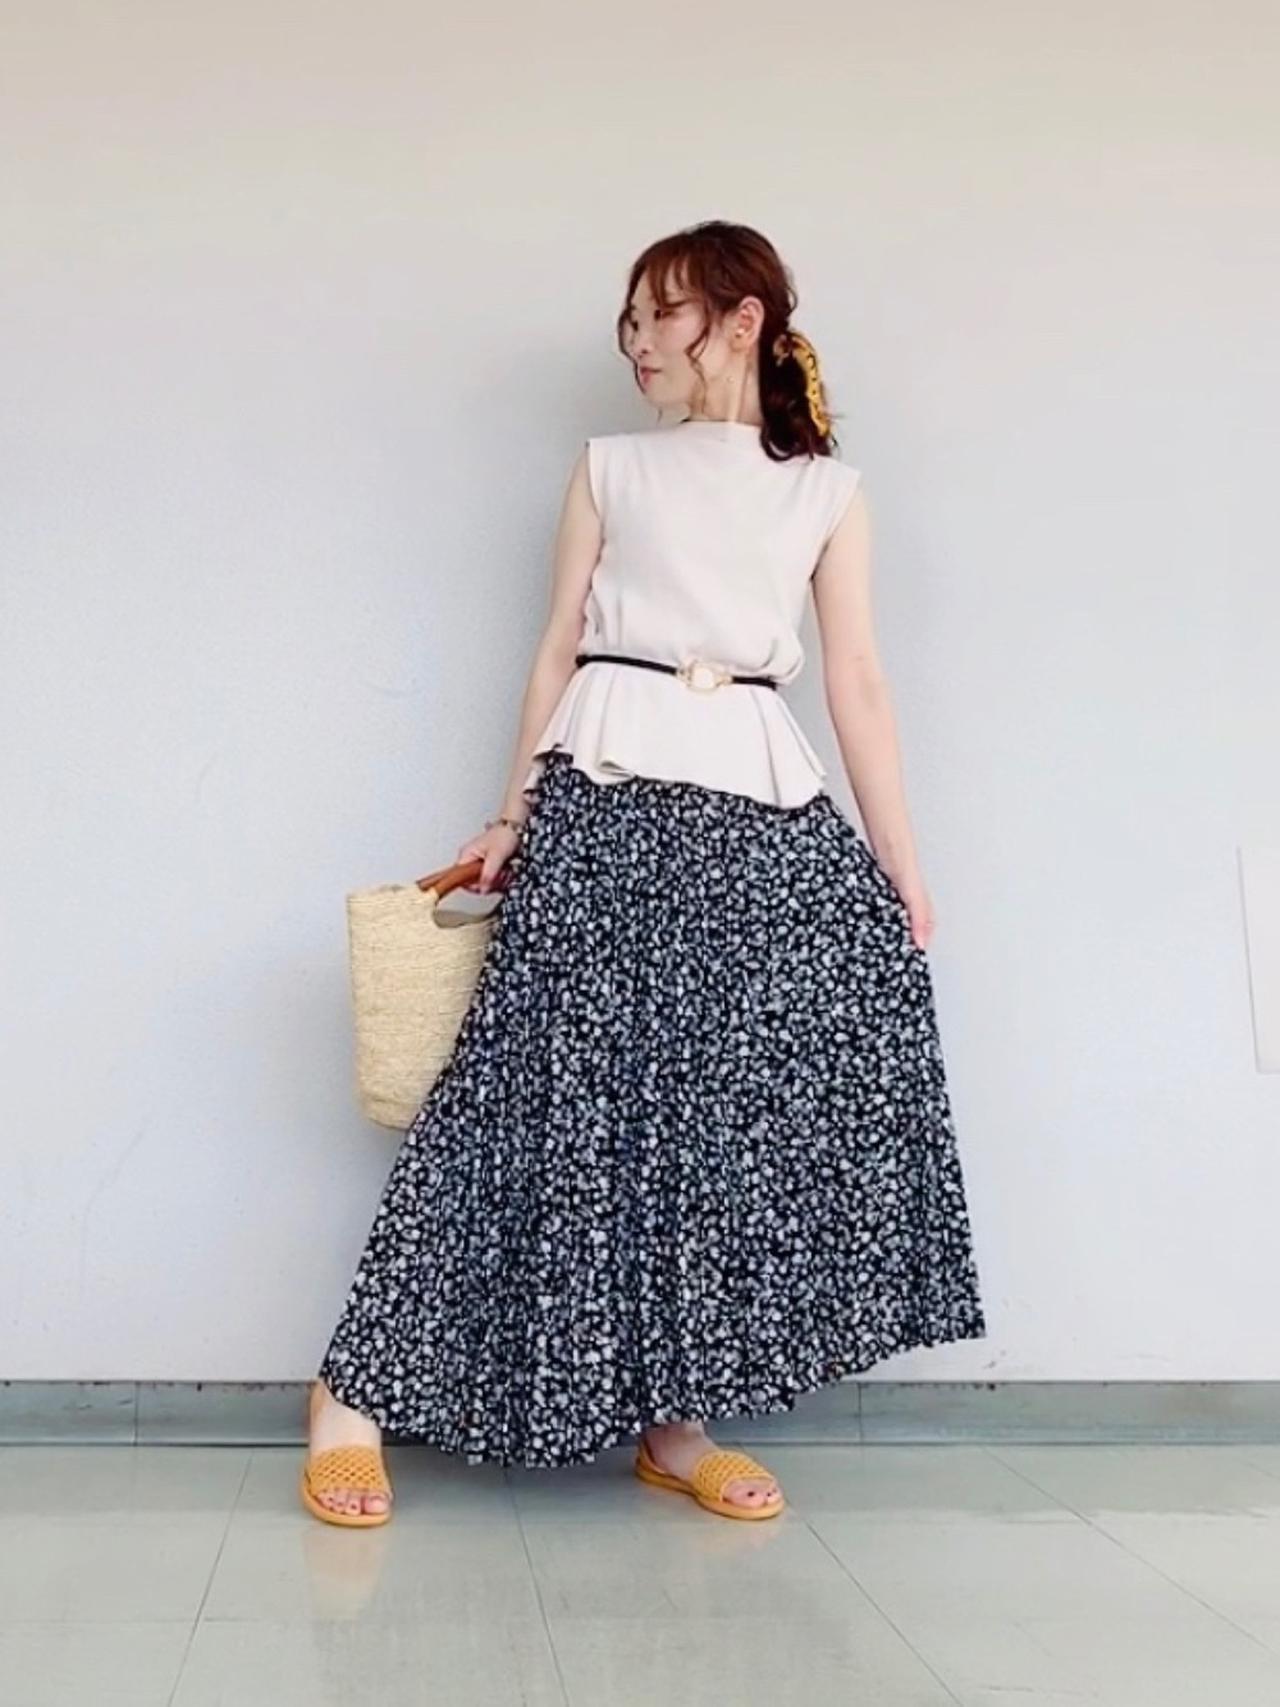 画像: おすすめコーデ① トップス×柄プリーツスカートの大人コーデ